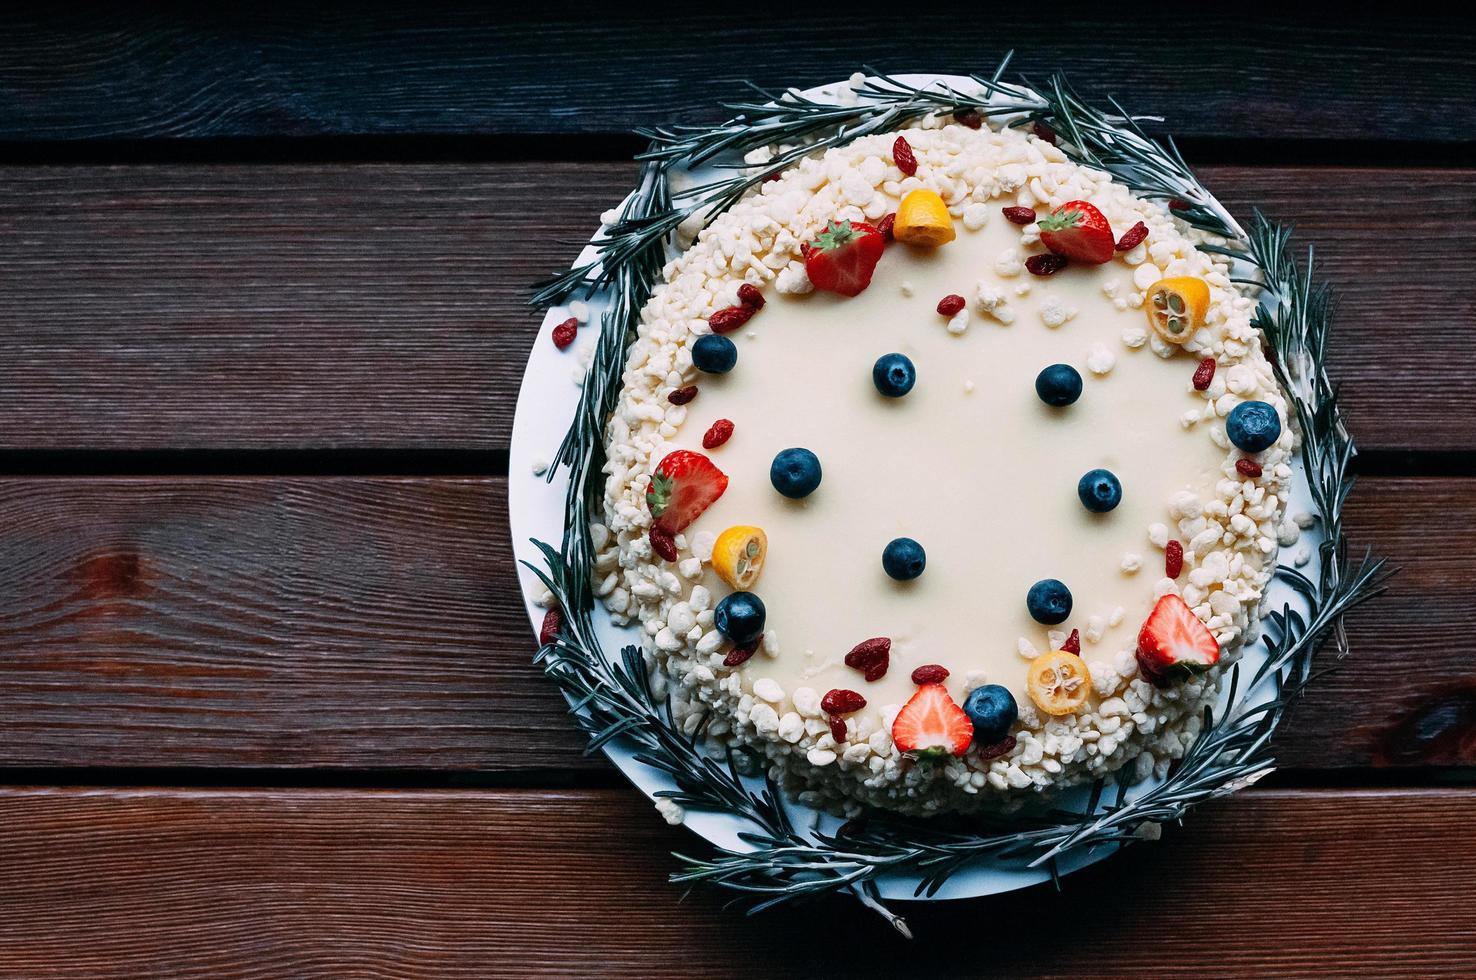 ovanifrån vit choklad rund tårta foto